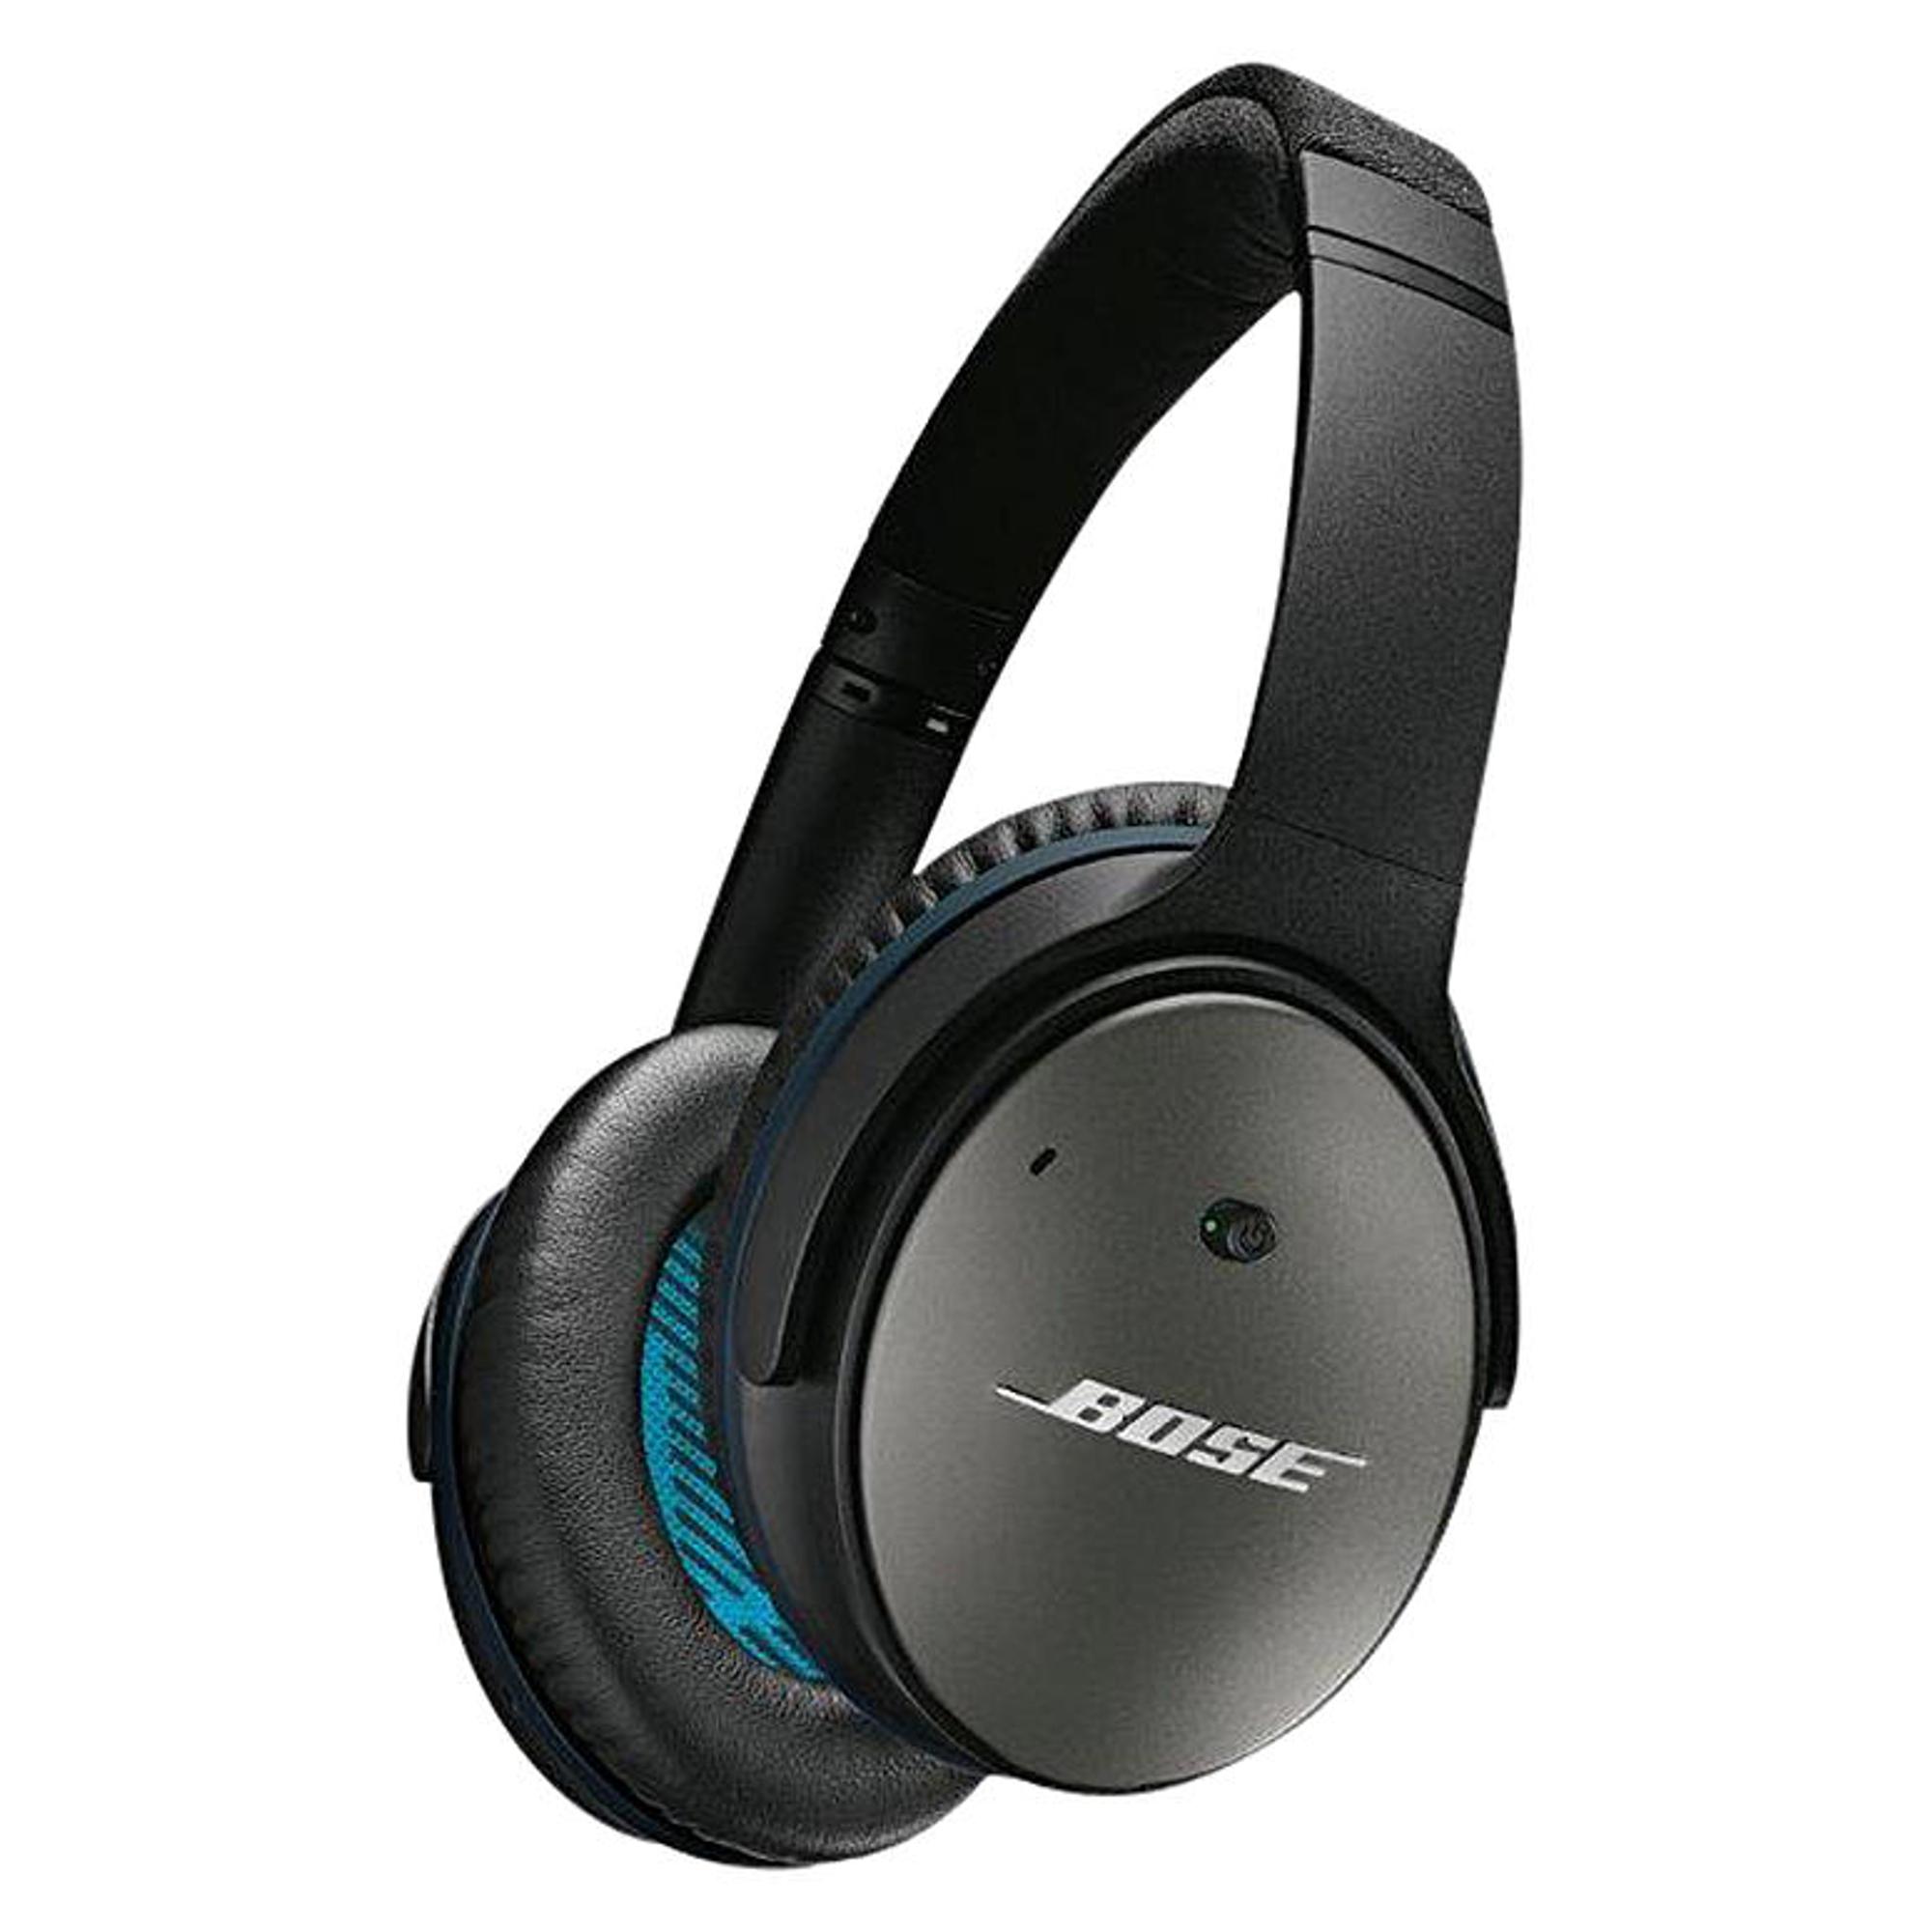 Bose QC25 QuietComfort Noise Cancelling Headphones, £125 at Hughes